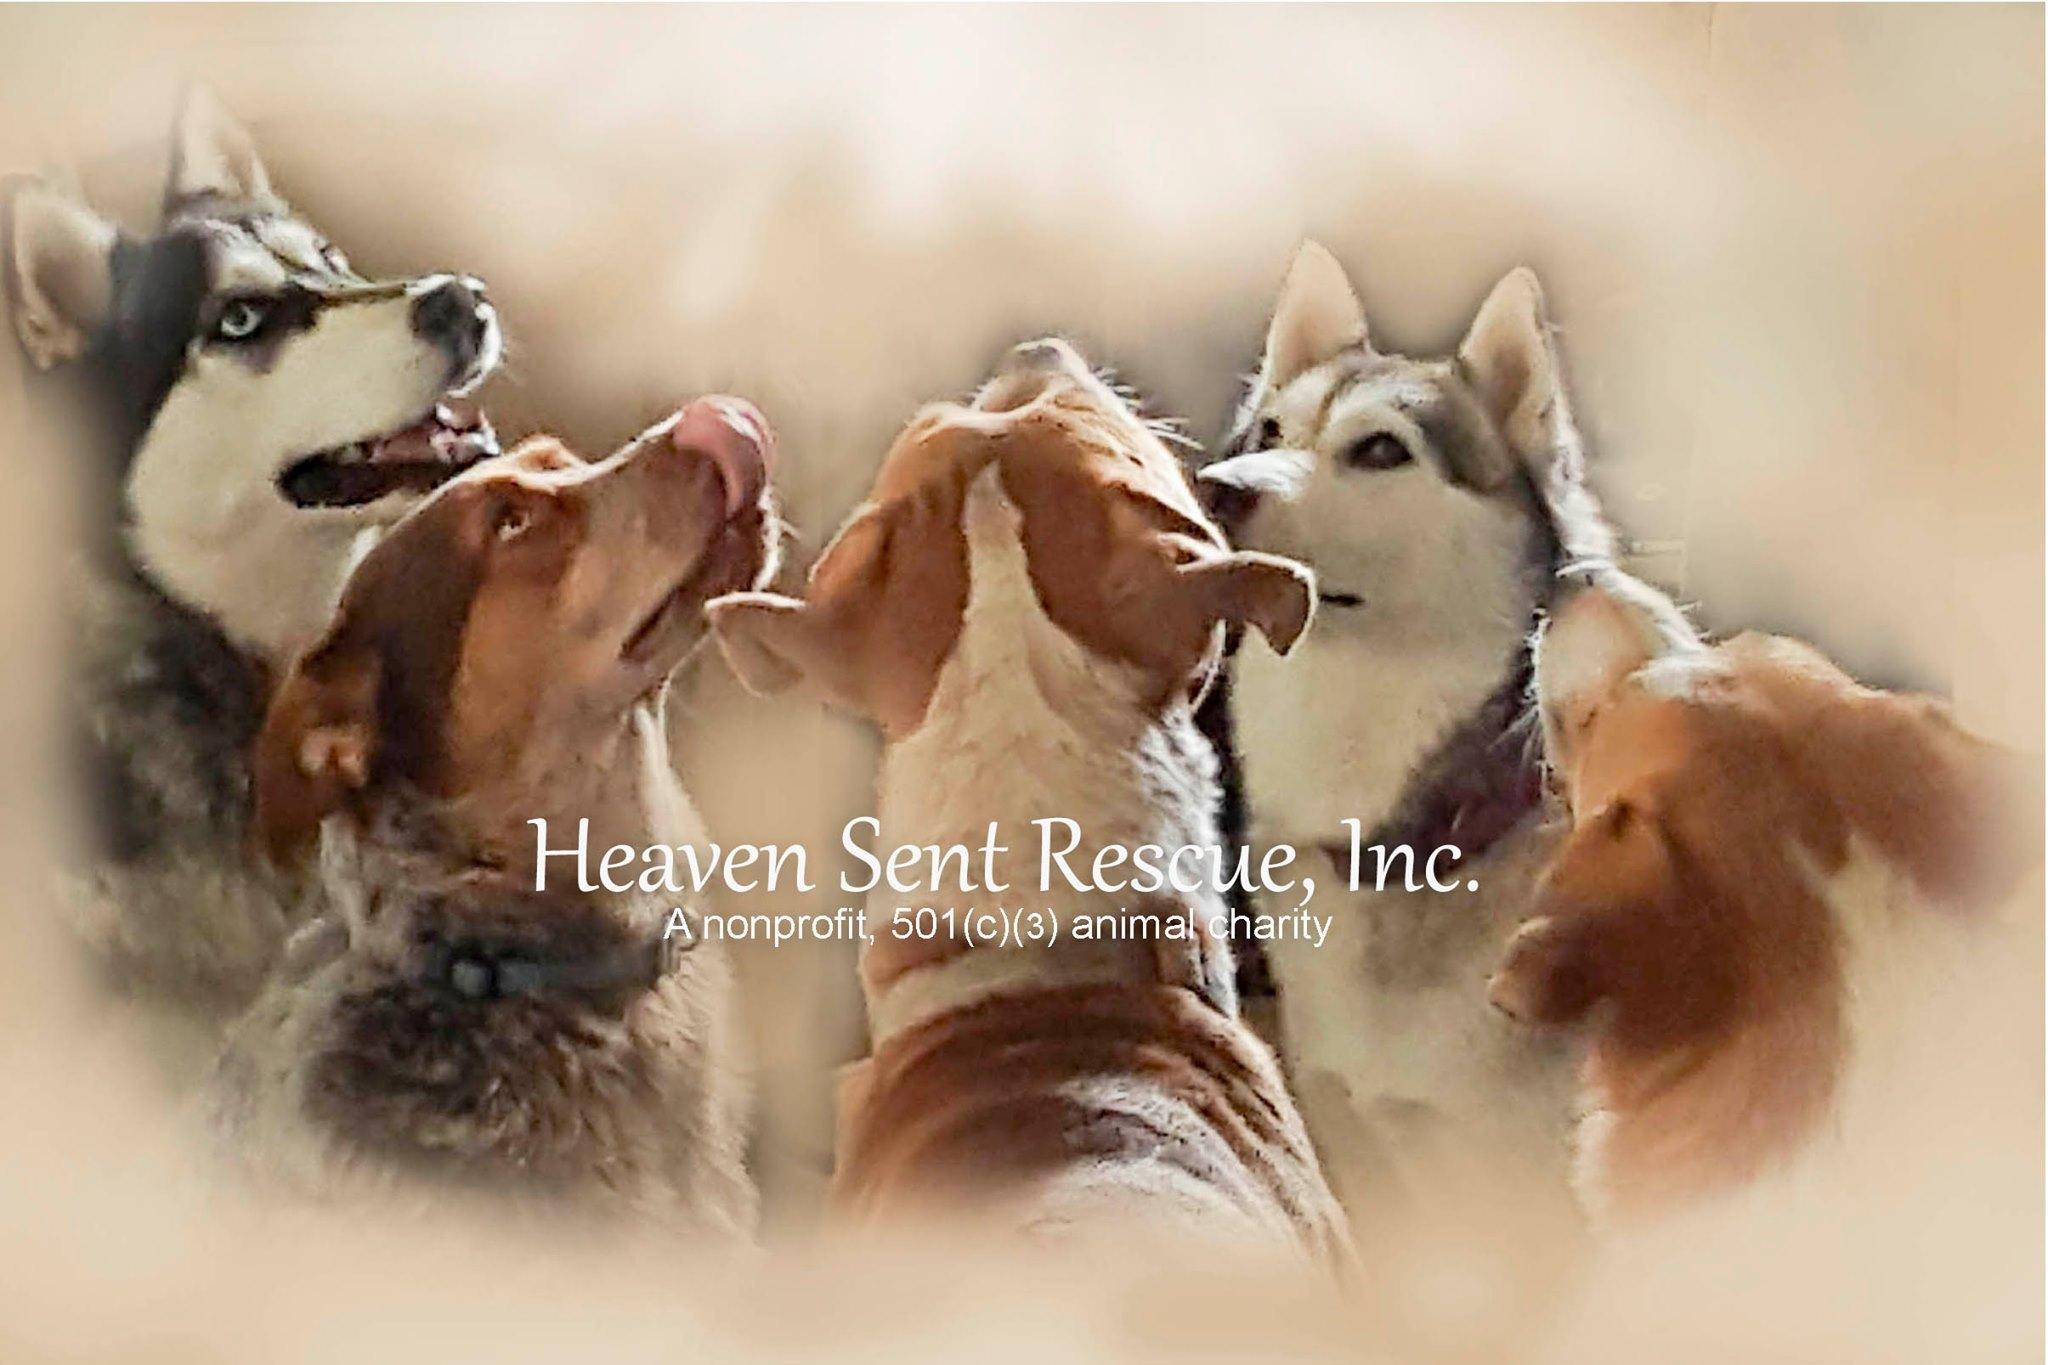 Heaven Sent Rescue, Inc.